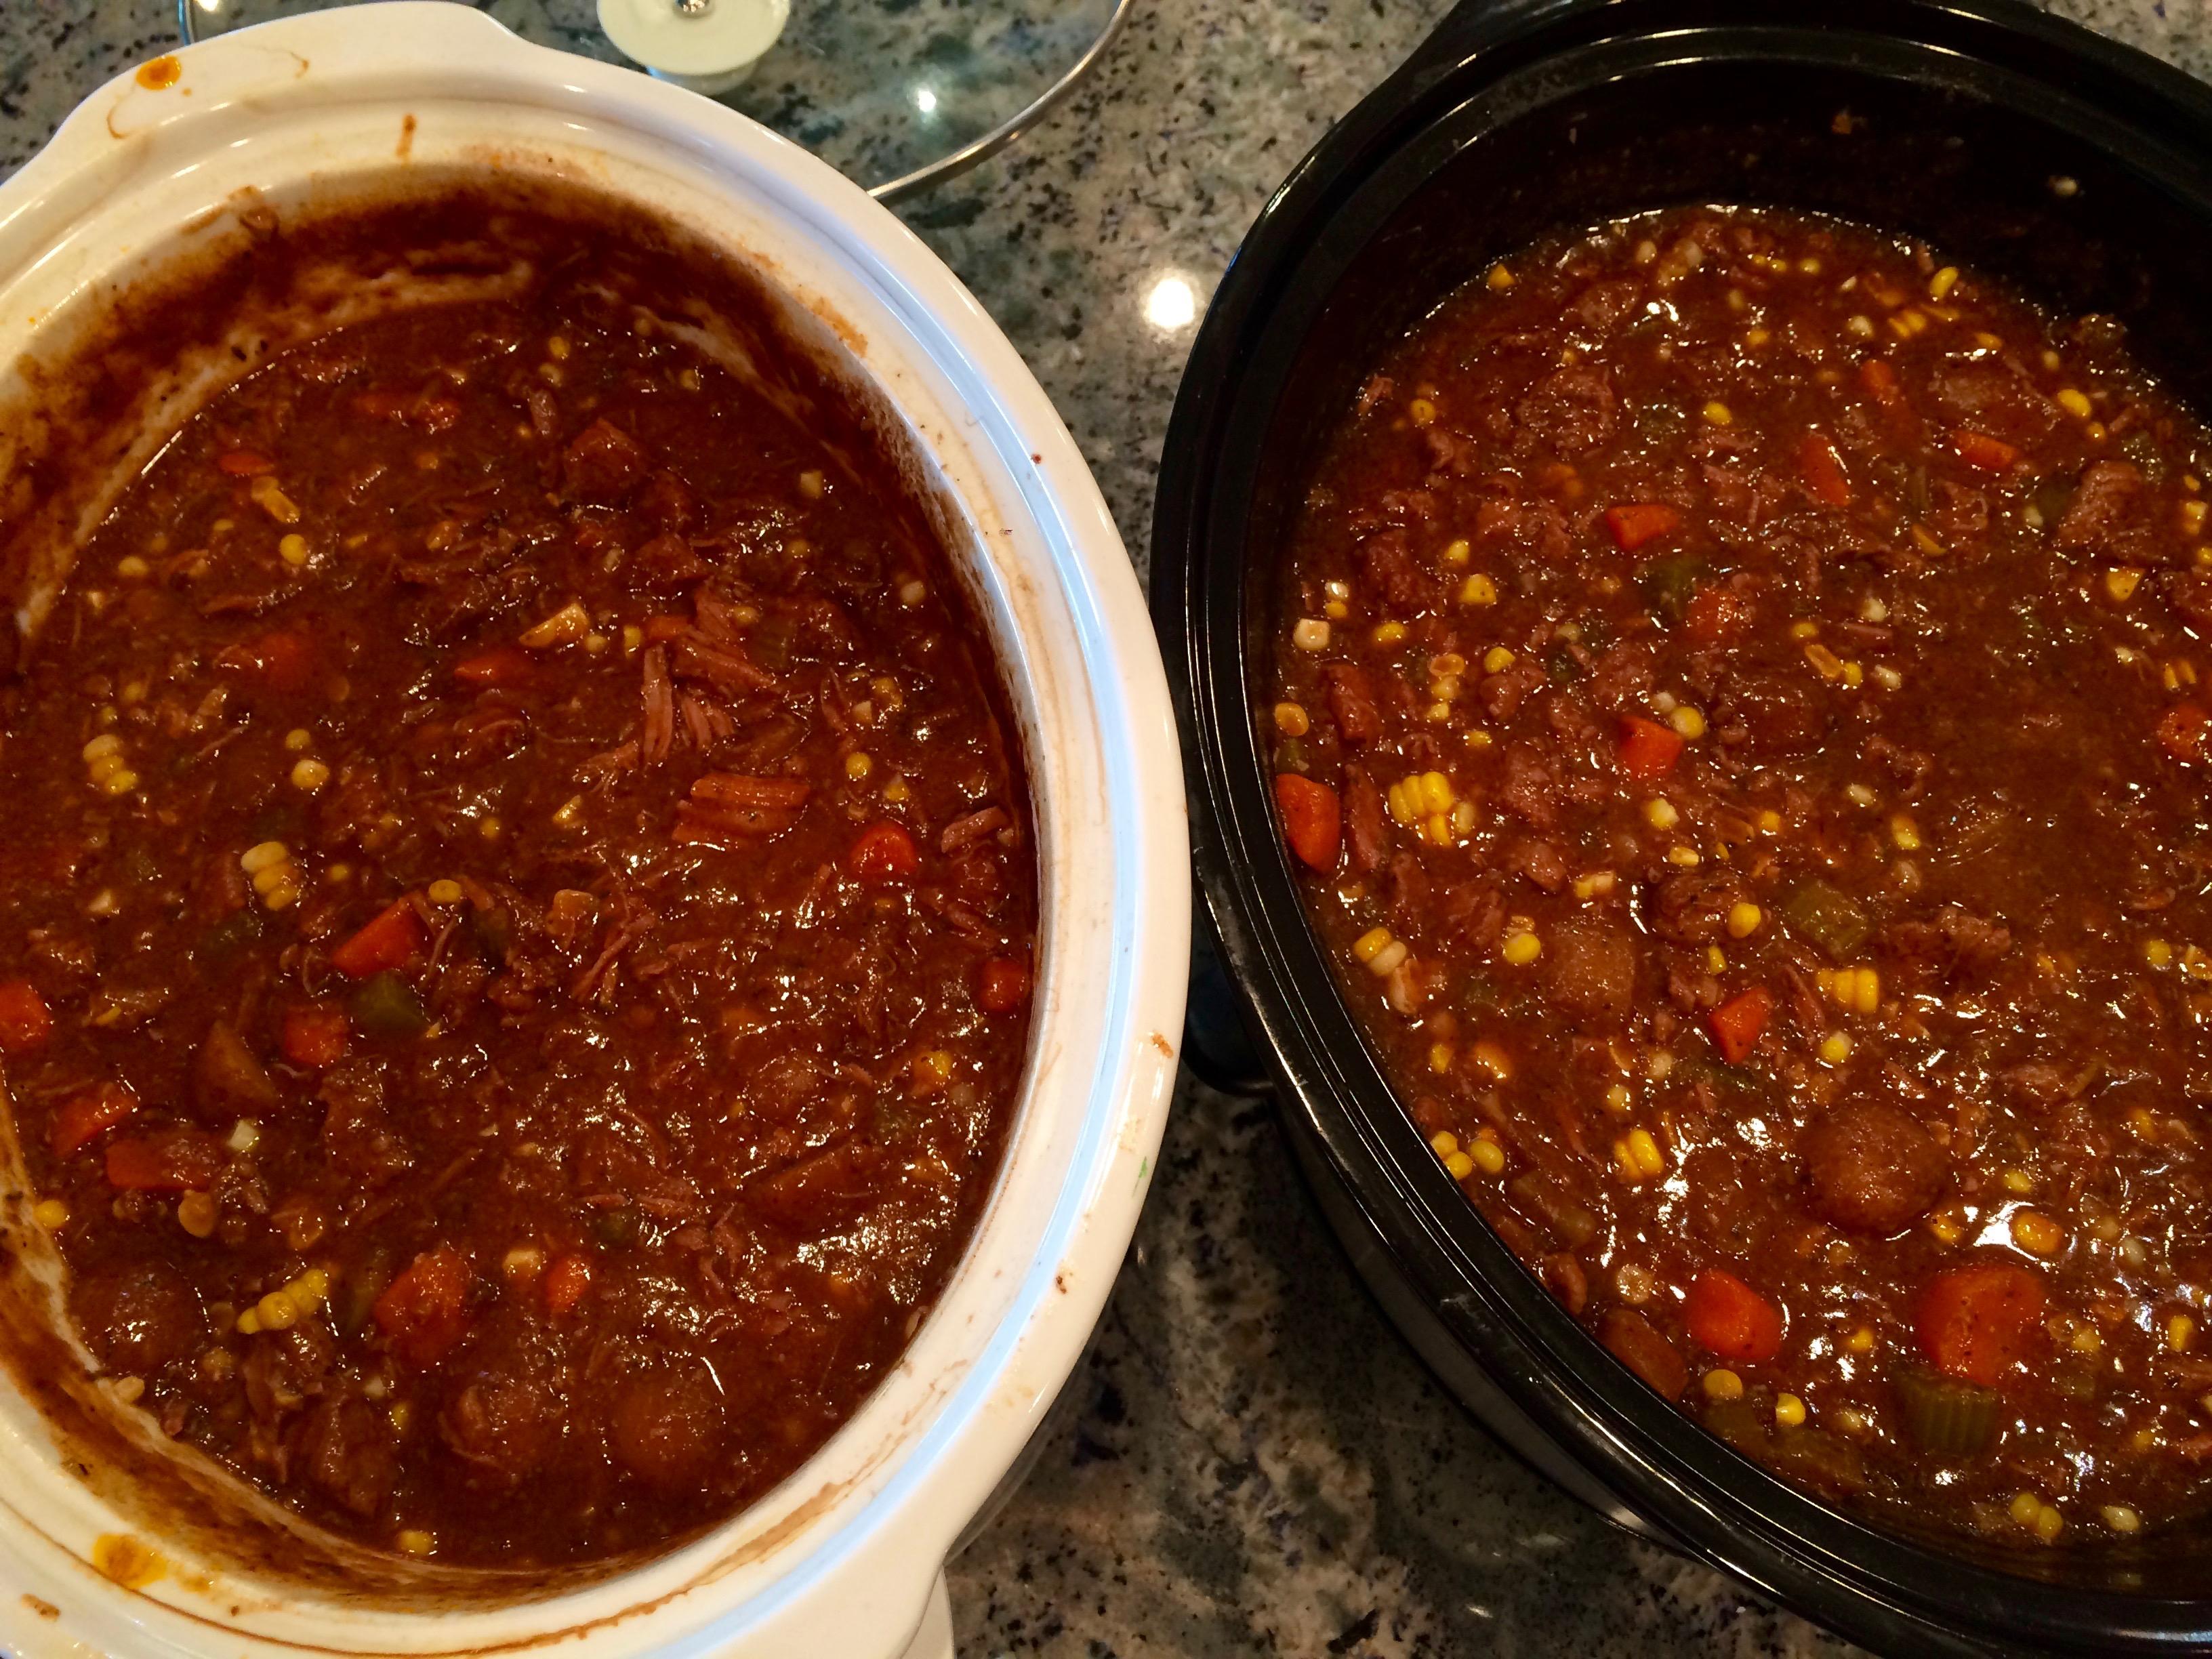 Best Slow Cooker Beef Stew Recipe